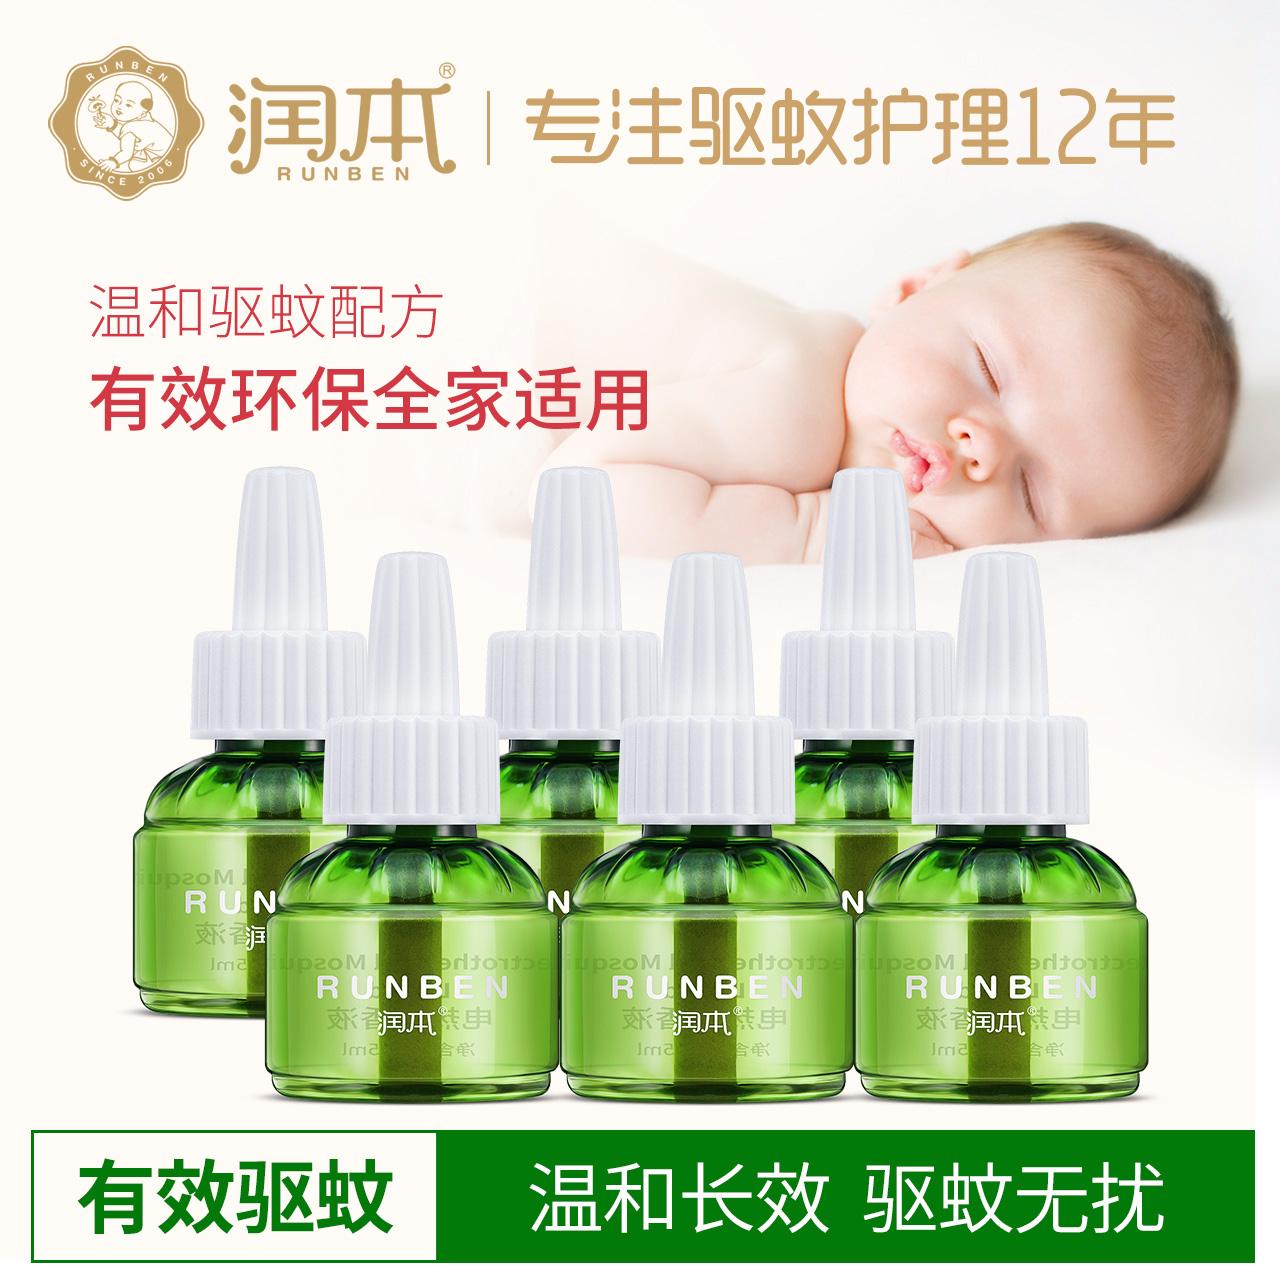 Прибыль это электрическое отопление комар ладан жидкость младенец младенец ребенок ребенок электричество комар ладан репеллент жидкость домой безвкусный тип 6 бутылка заправка